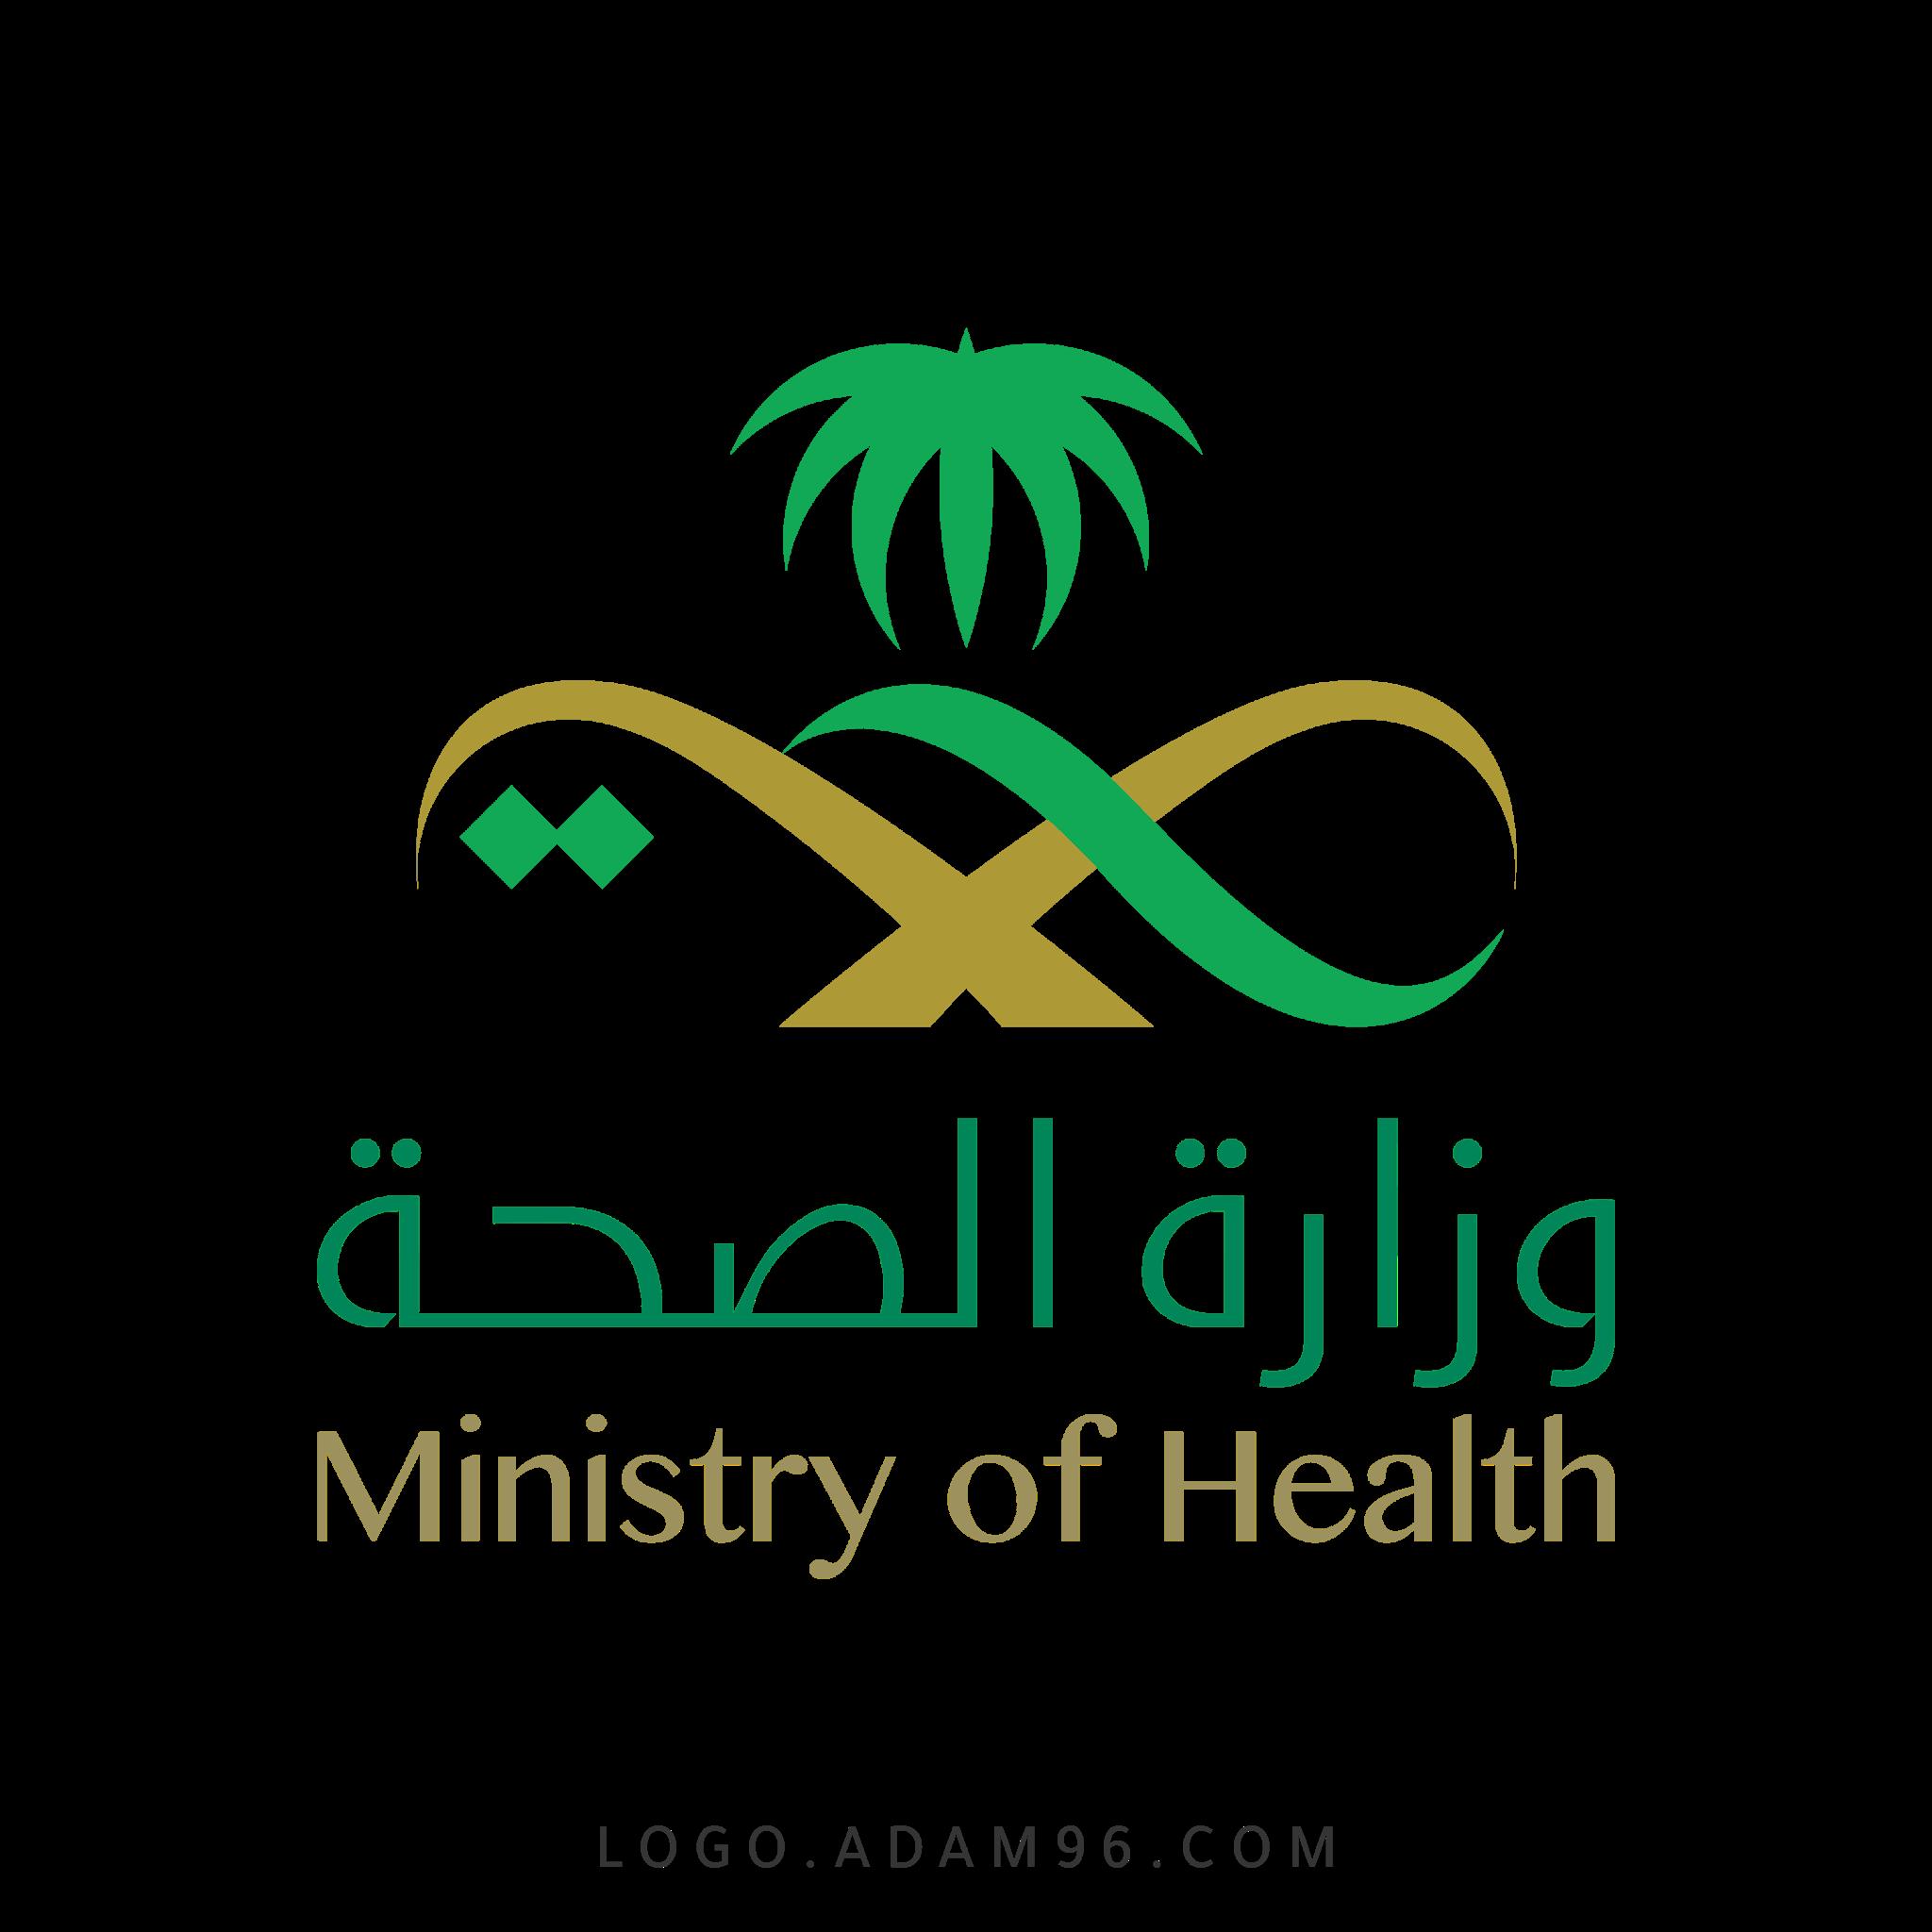 تحميل الشعار الرسمي وزارة الصحة المملكة العربية السعودية لوجو شفاف PNG